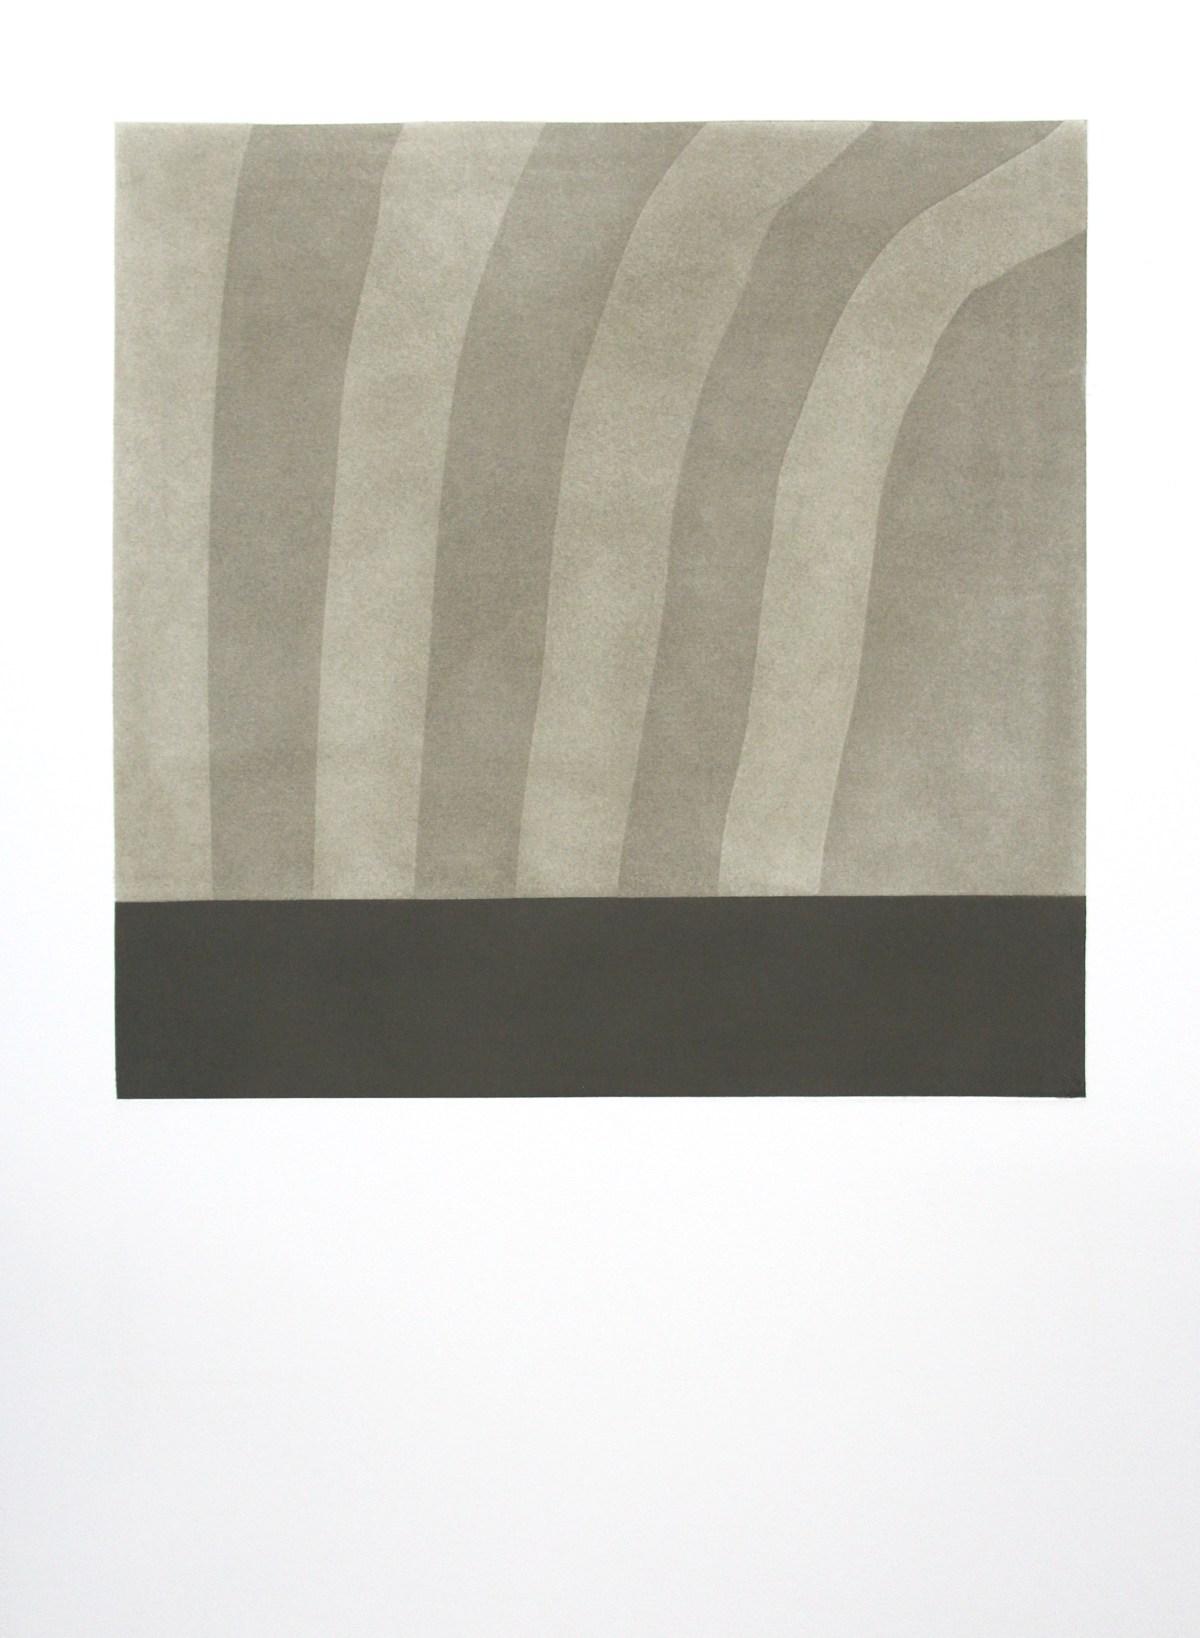 Carlos Vielma. Cueva, detalle de obra